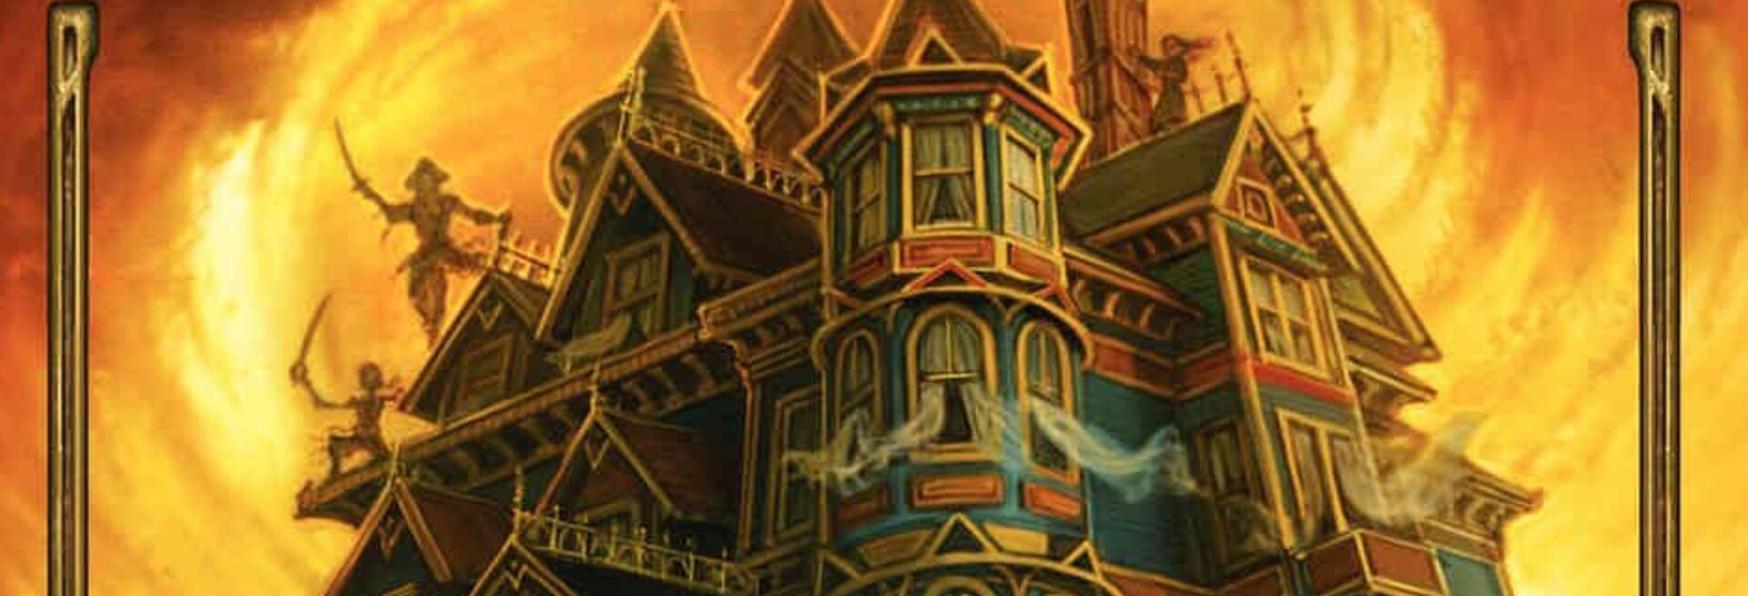 In Lavorazione una nuova Serie TV Disney dal Regista di Harry Potter